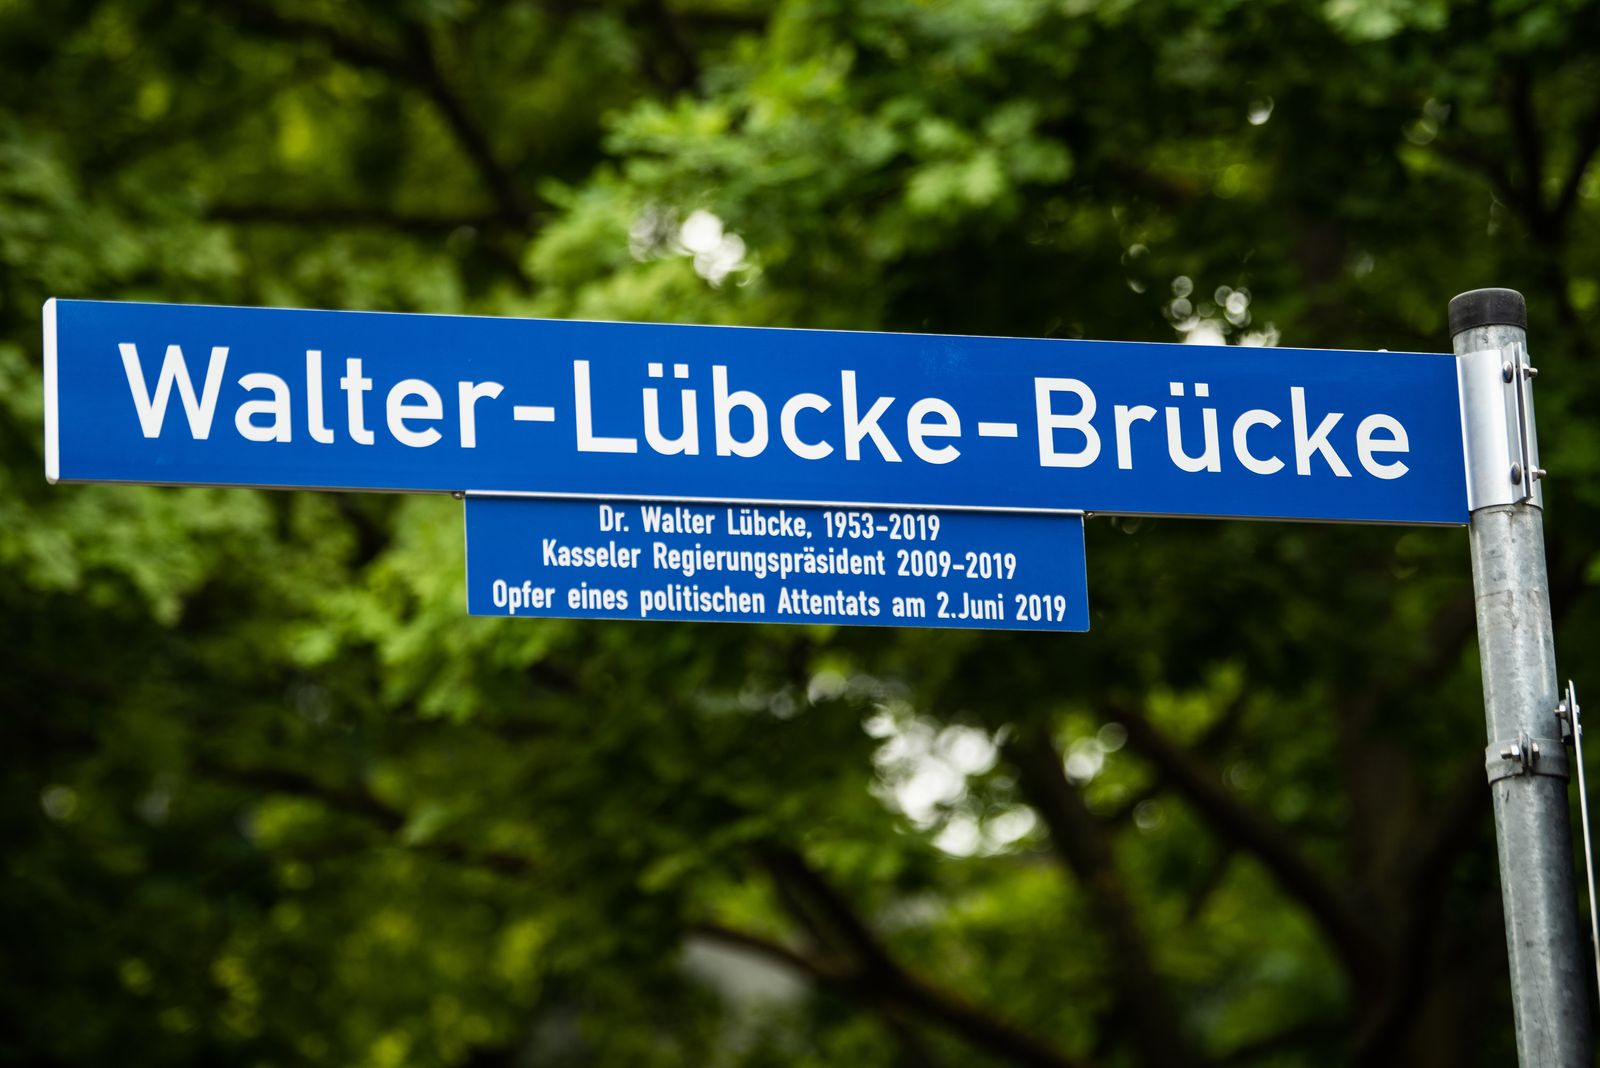 Walter-Lübcke-Brücke